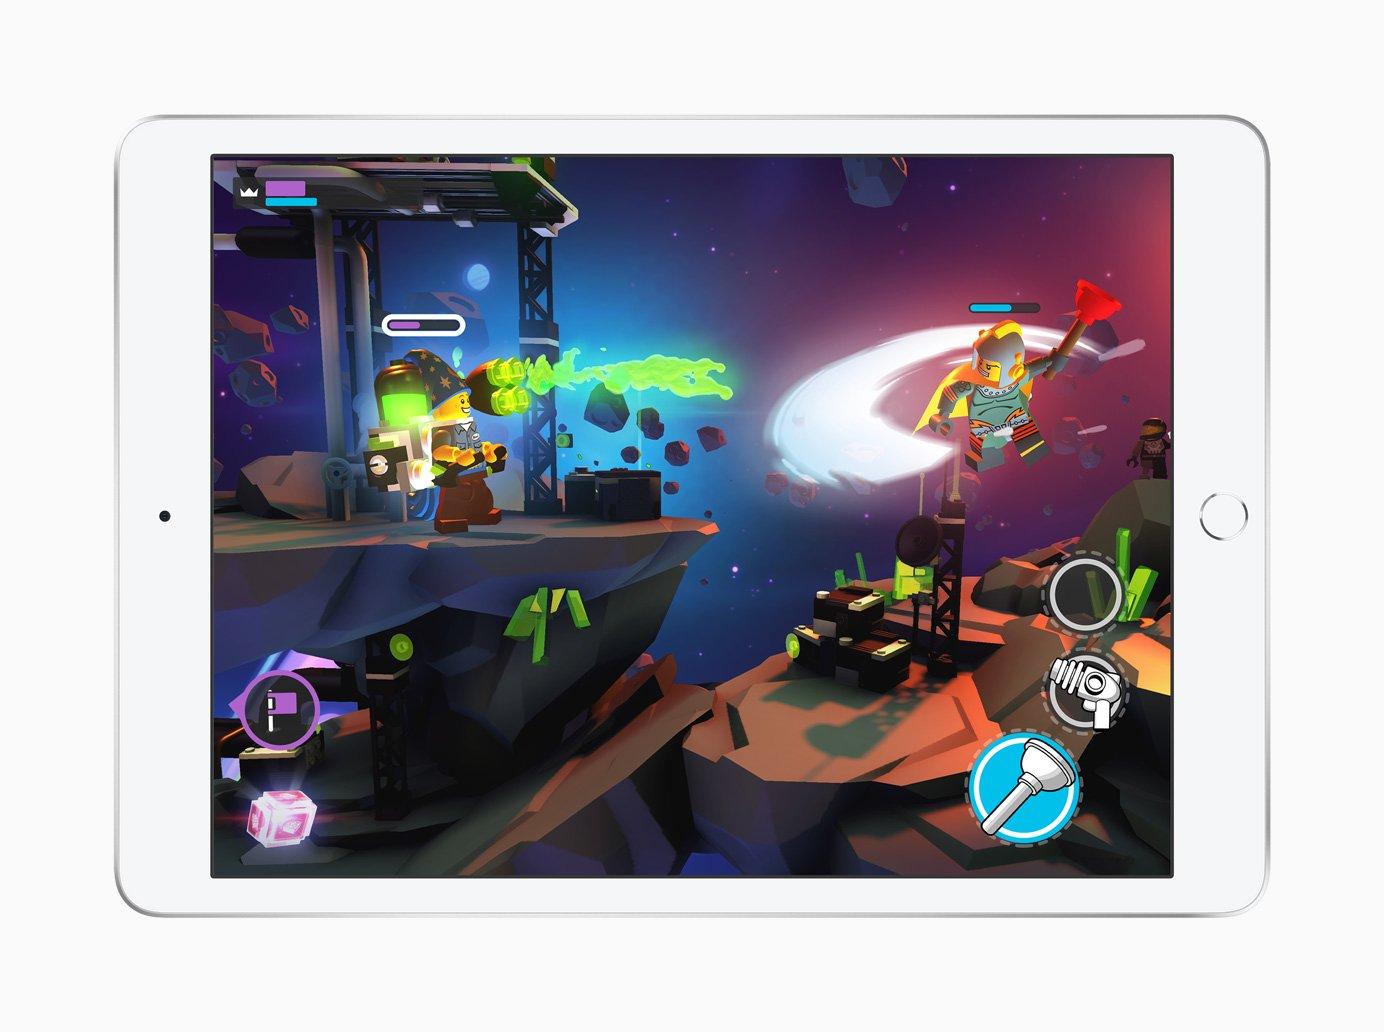 apple_ipad-8th-gen_games_09152020_big_carousel.jpg.medium_2x.jpg